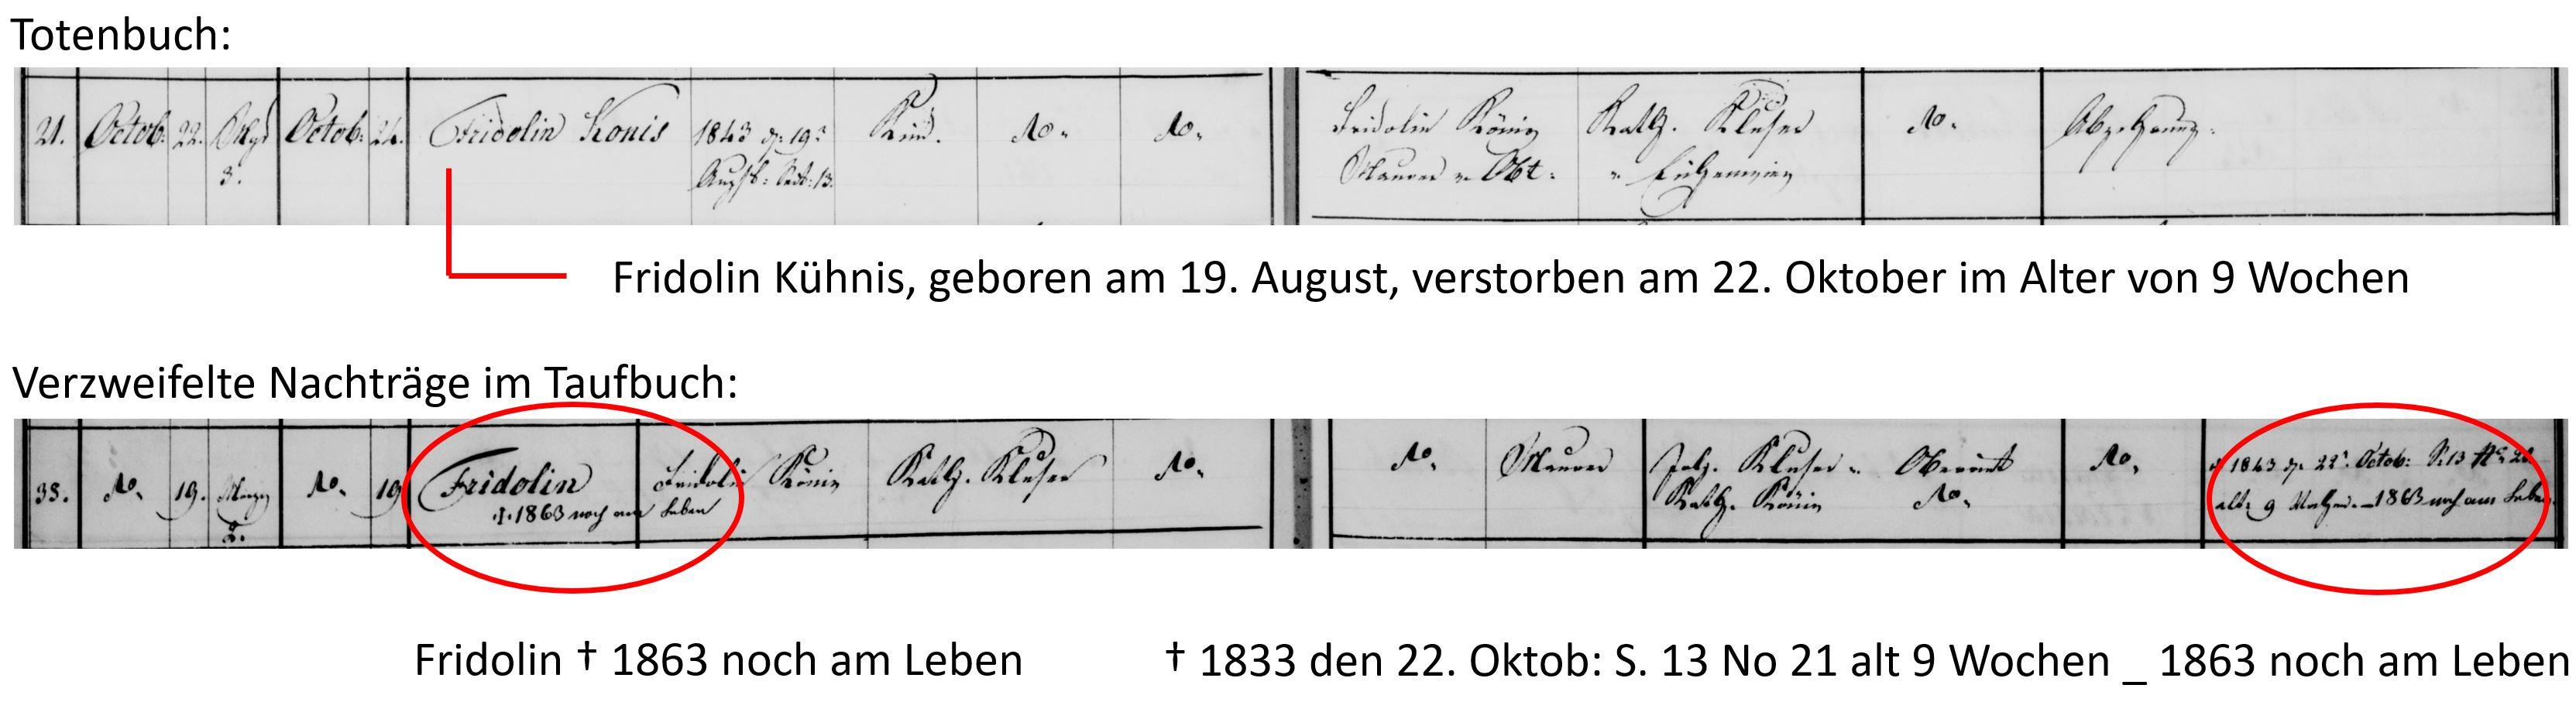 Fridolin Kühnis (1843-1843/1922)